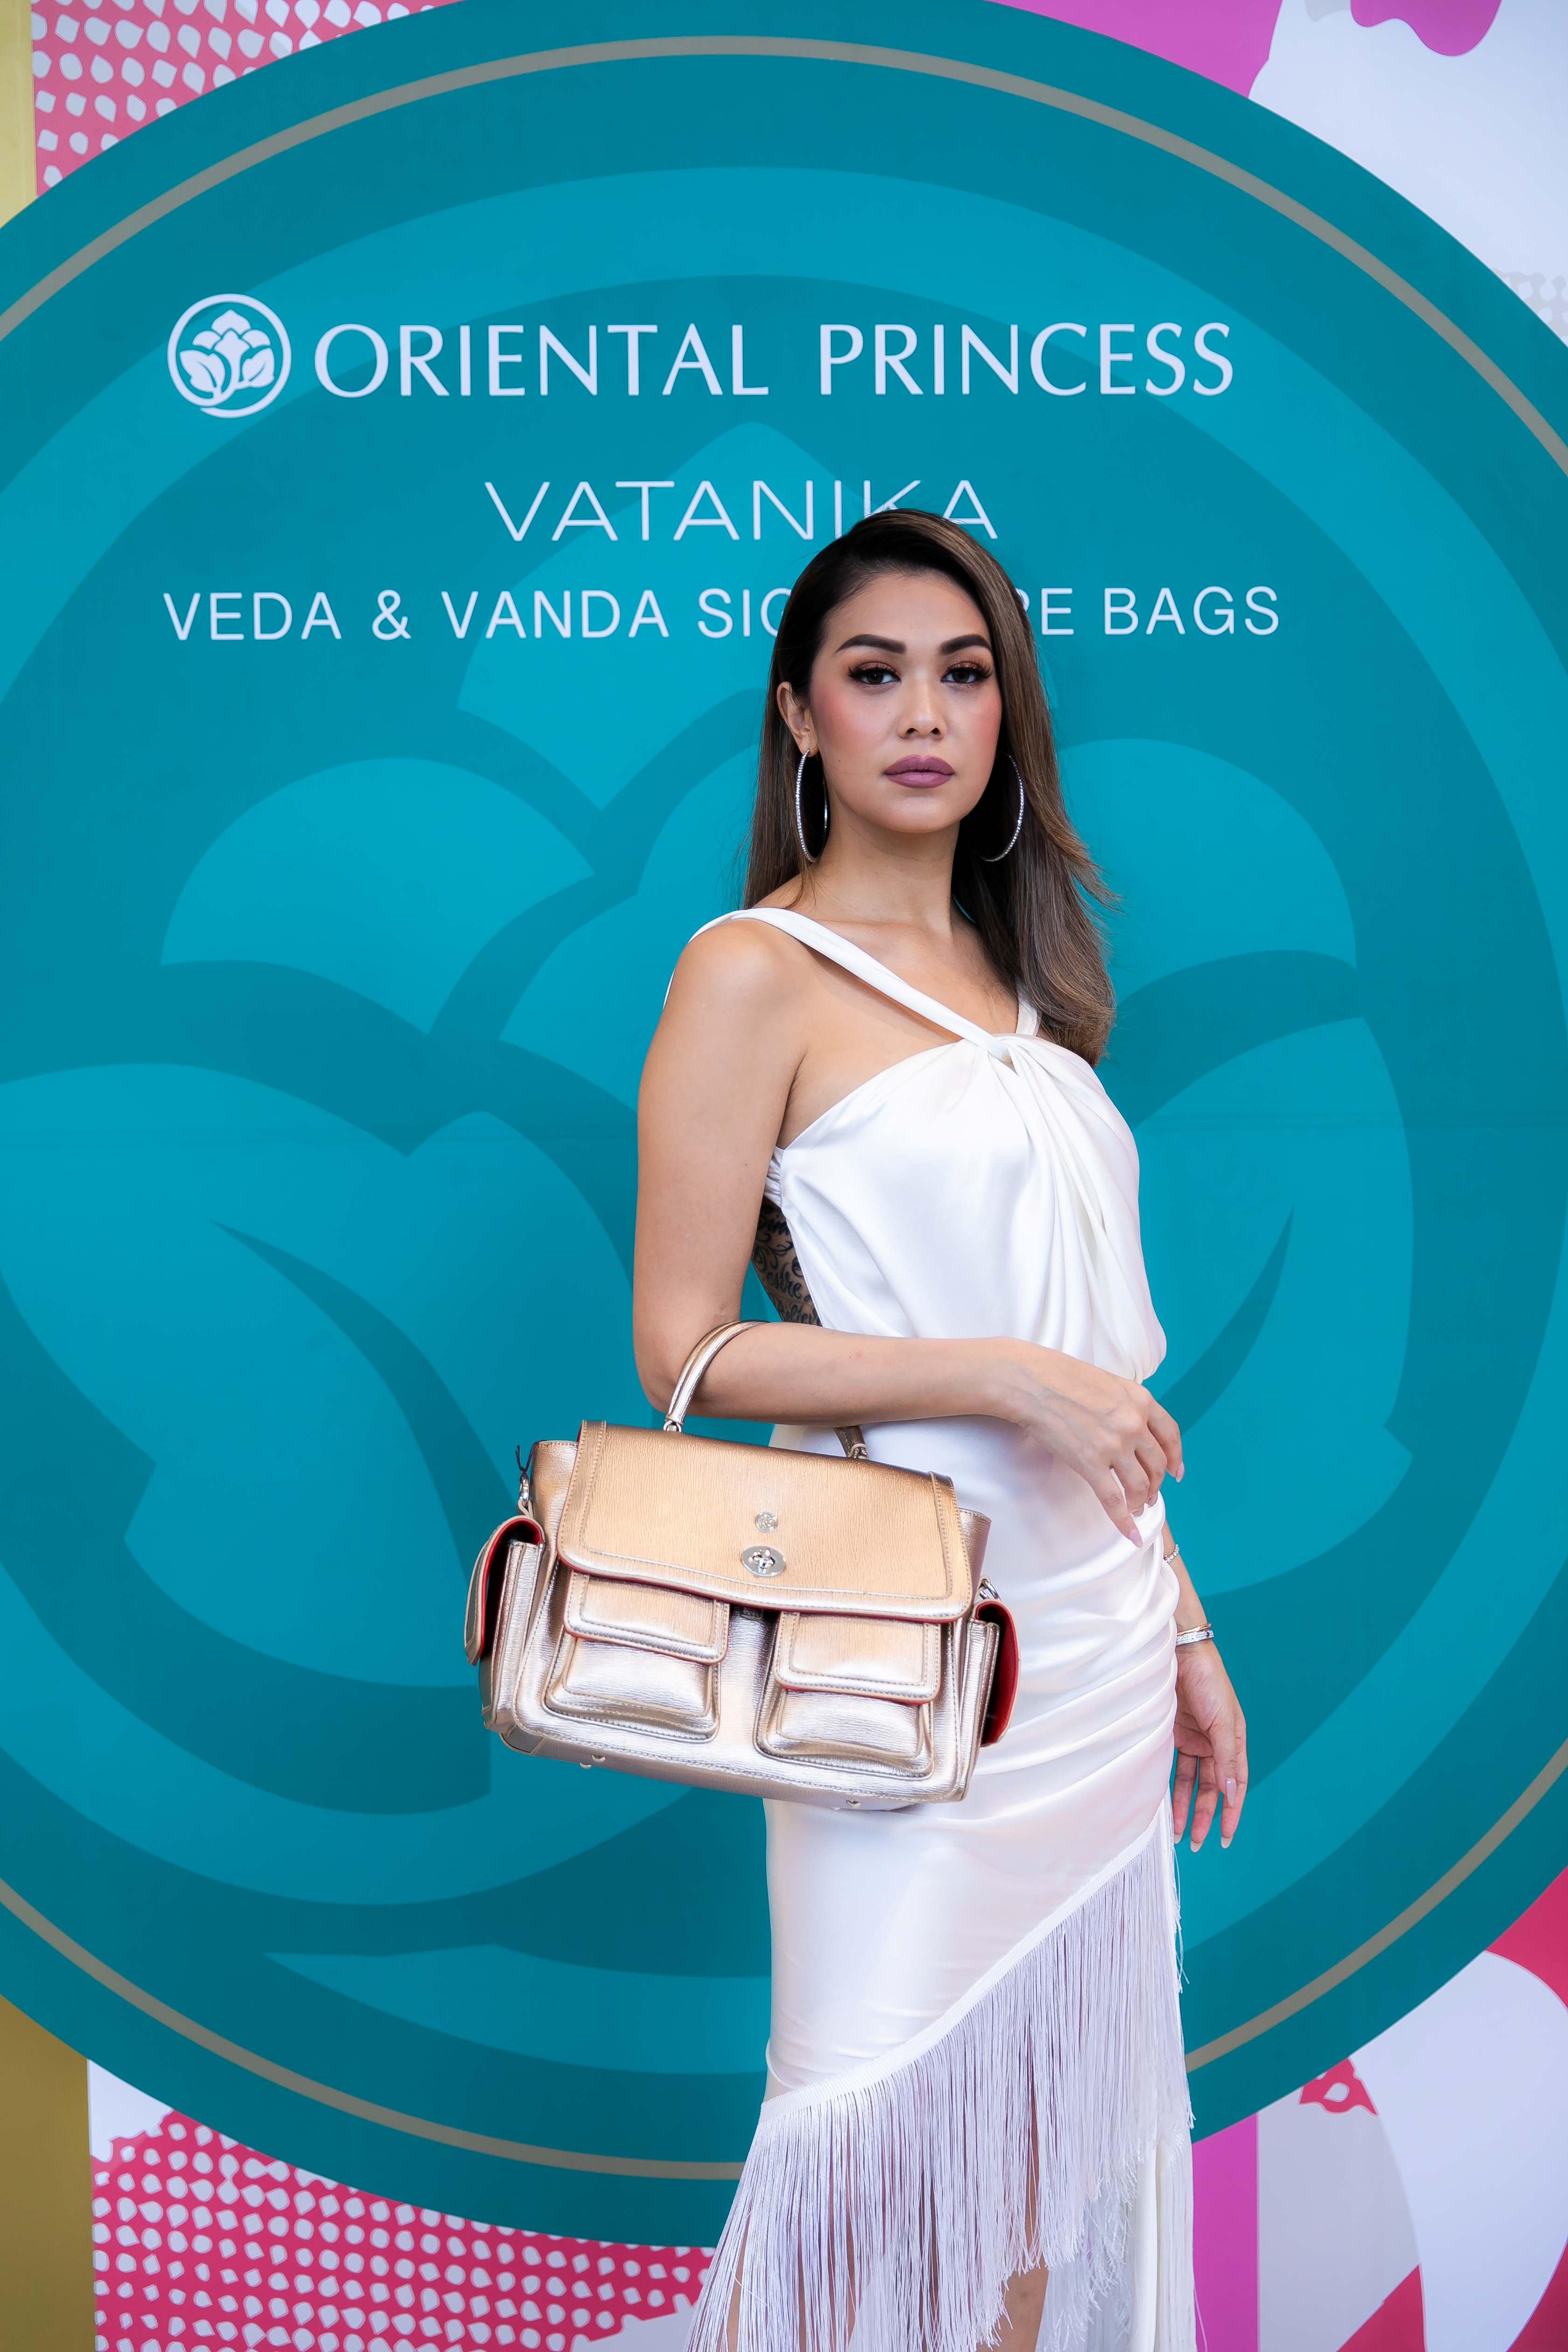 Oriental Princess x VATANIKA